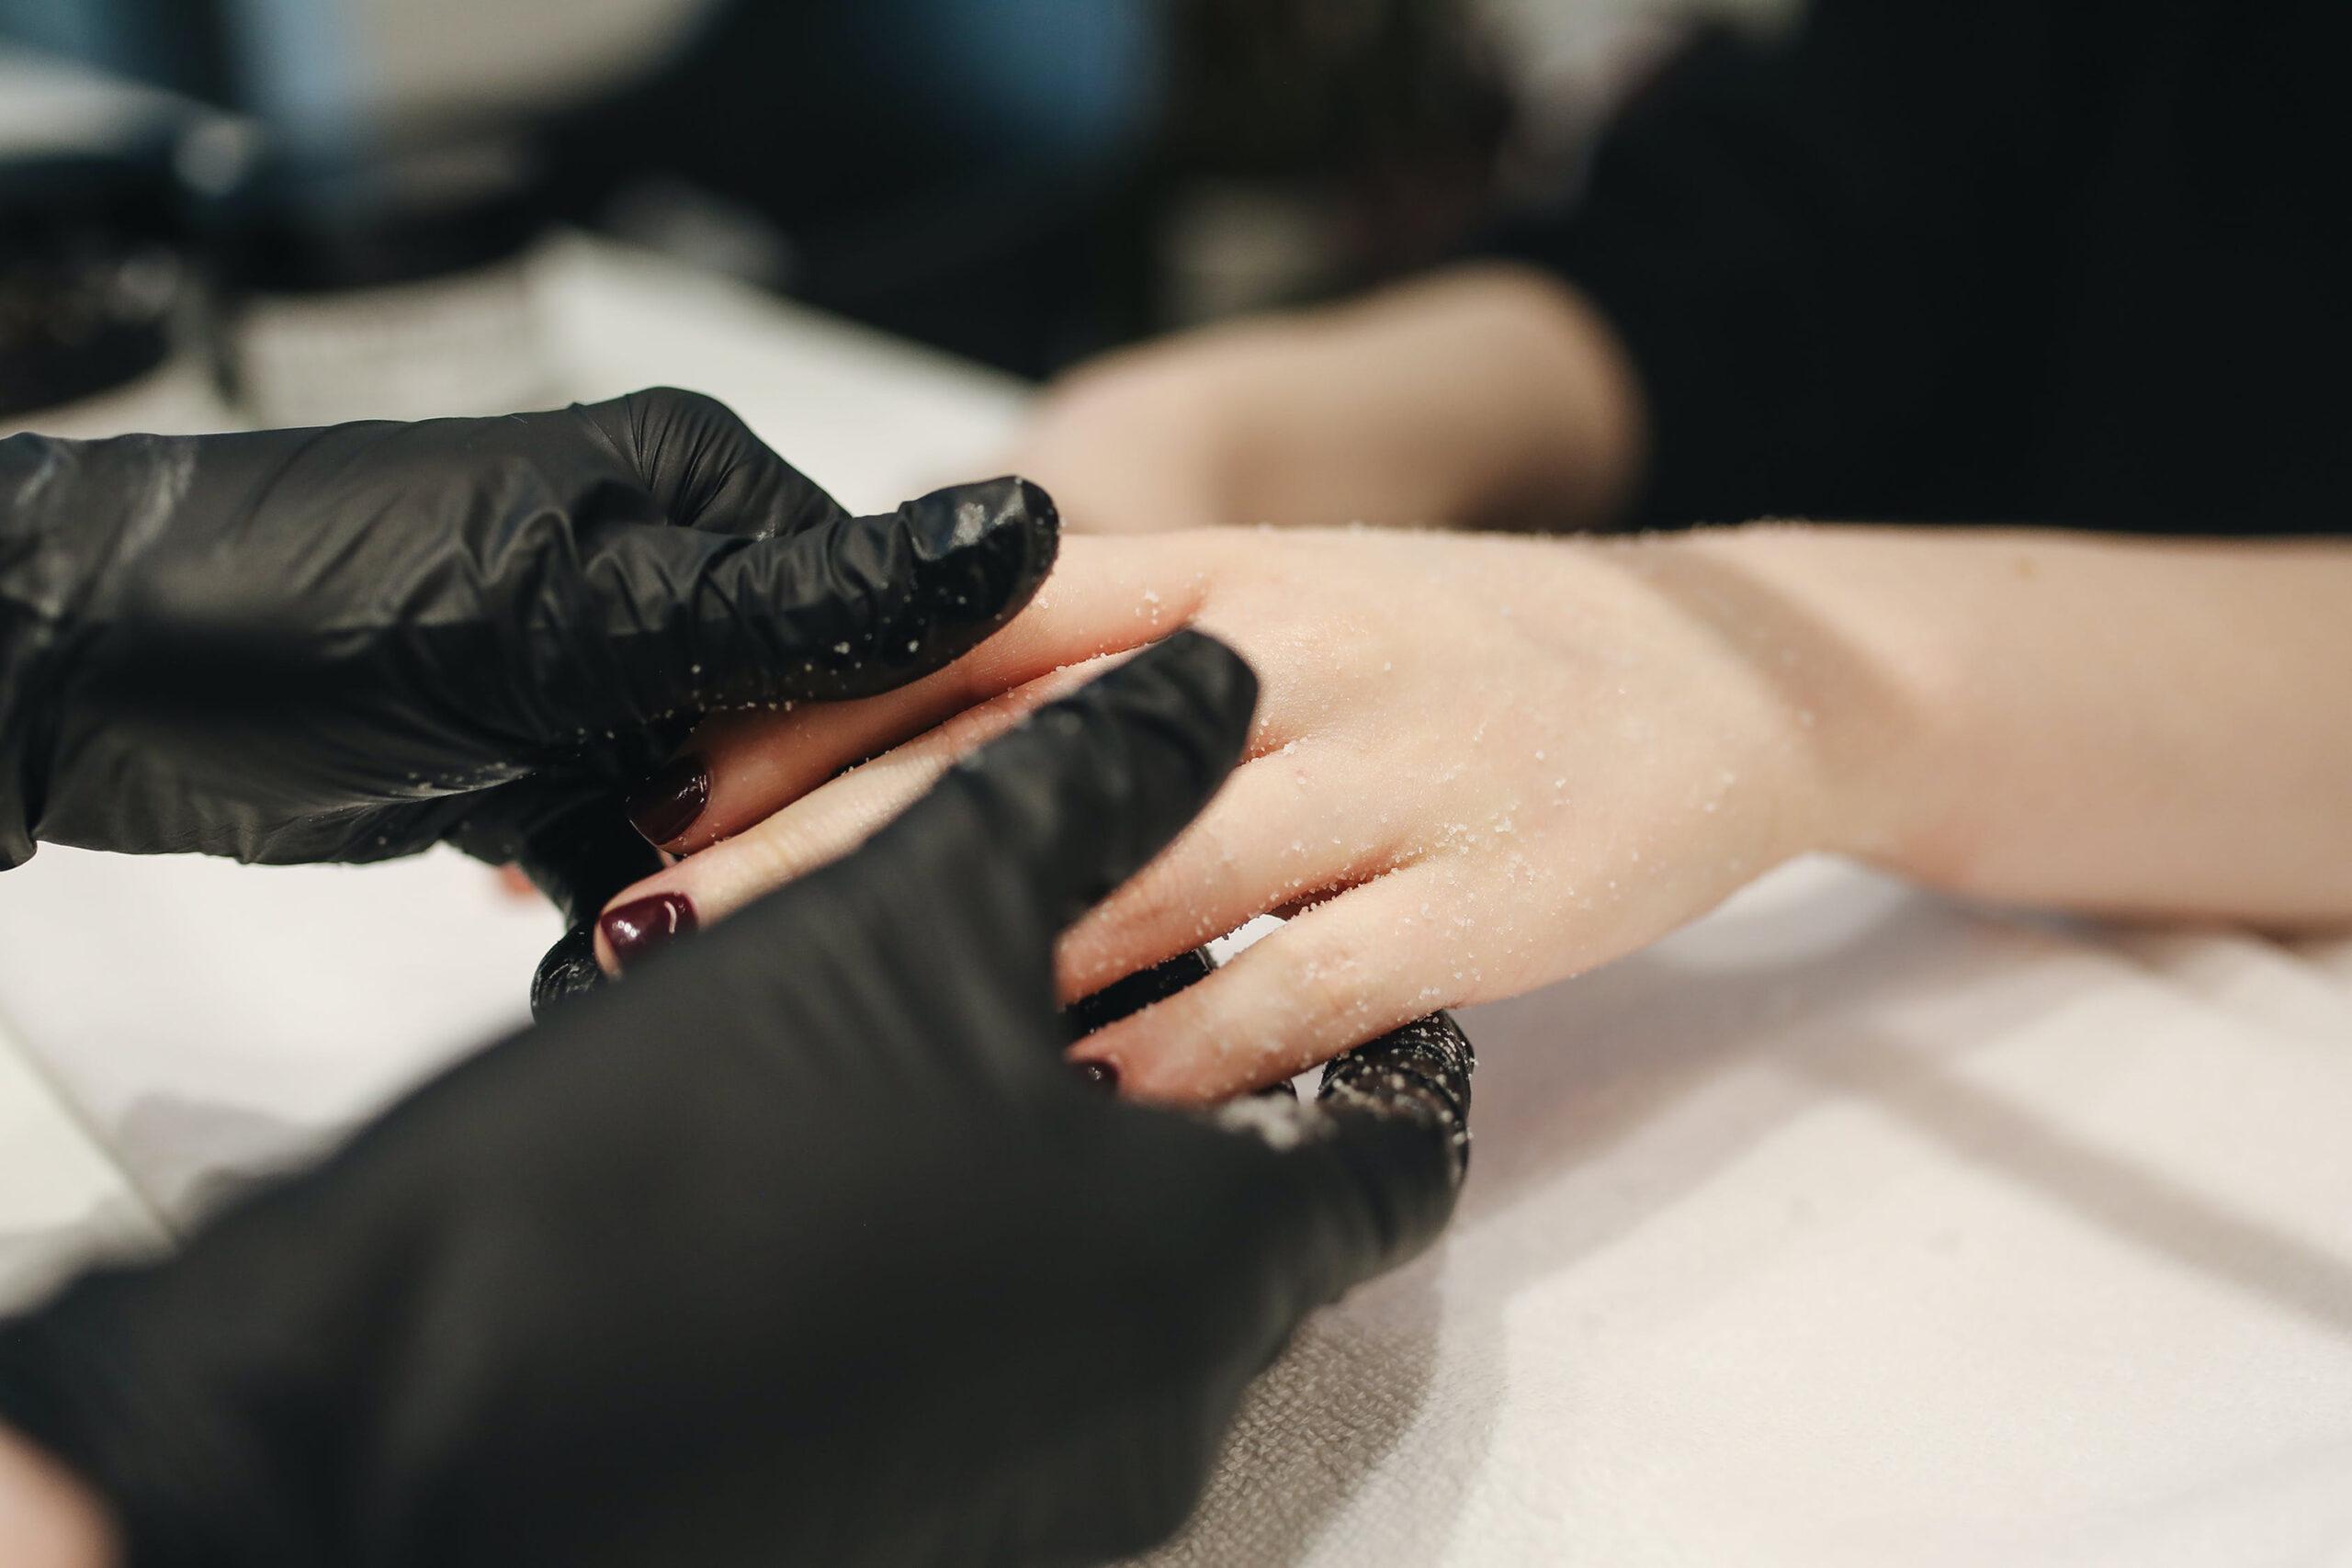 Các phương pháp chăm sóc da bàn tay